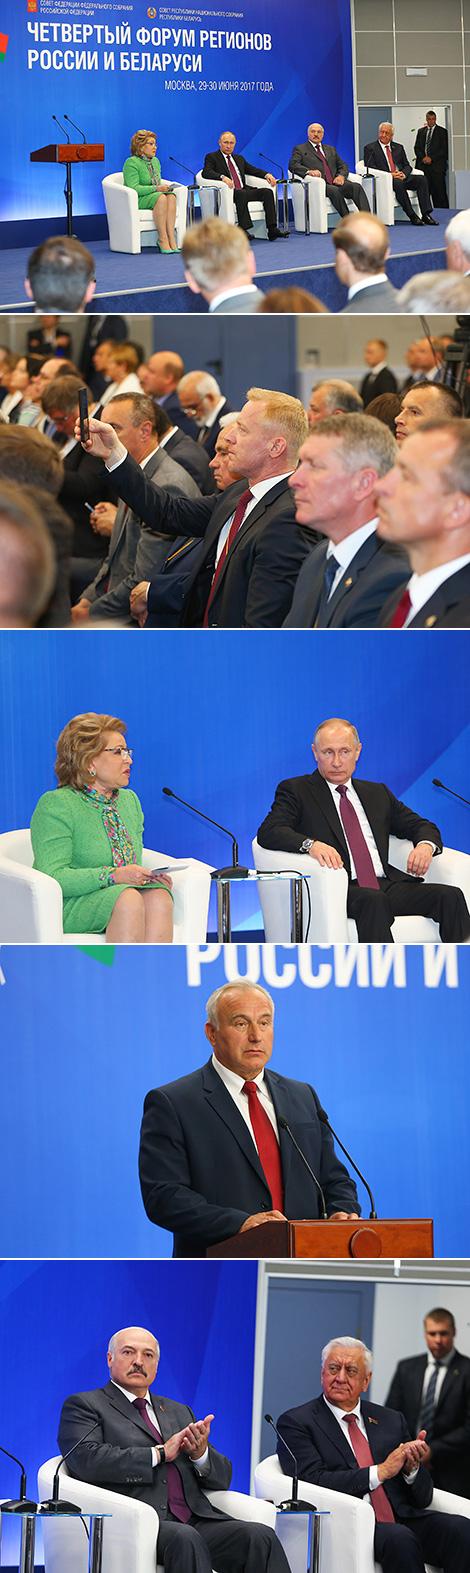 Лукашенко: Беларусь и Россия получают значительные выгоды в результате объединения своих возможностей